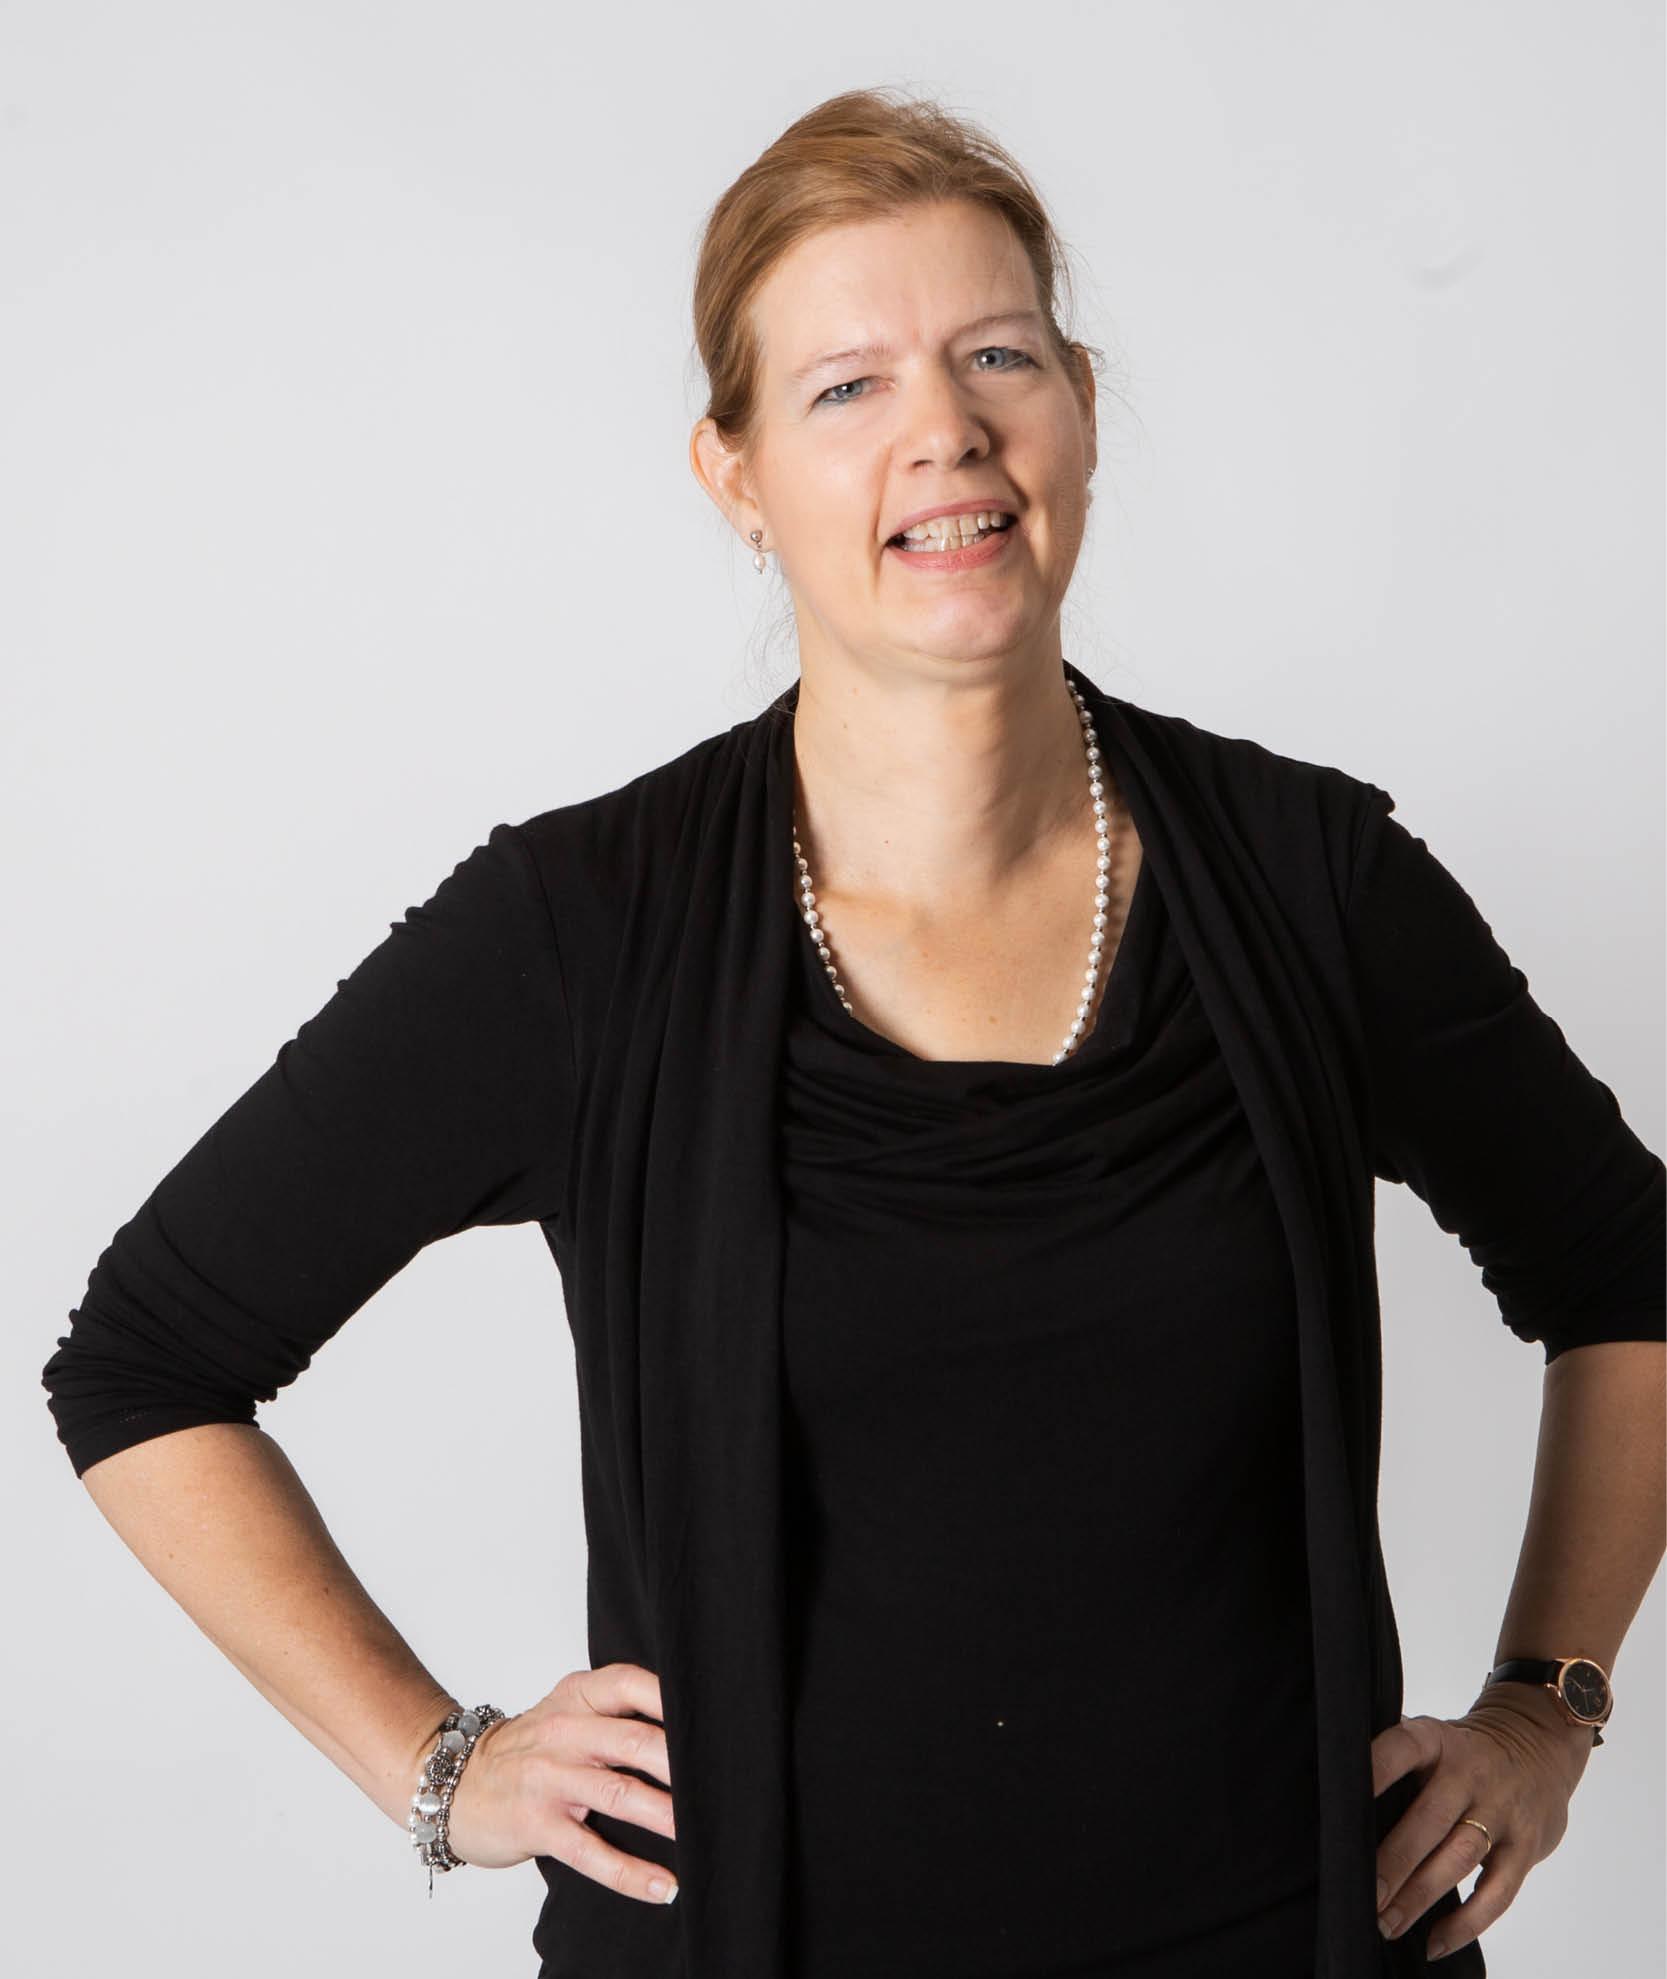 Monique Verhoof